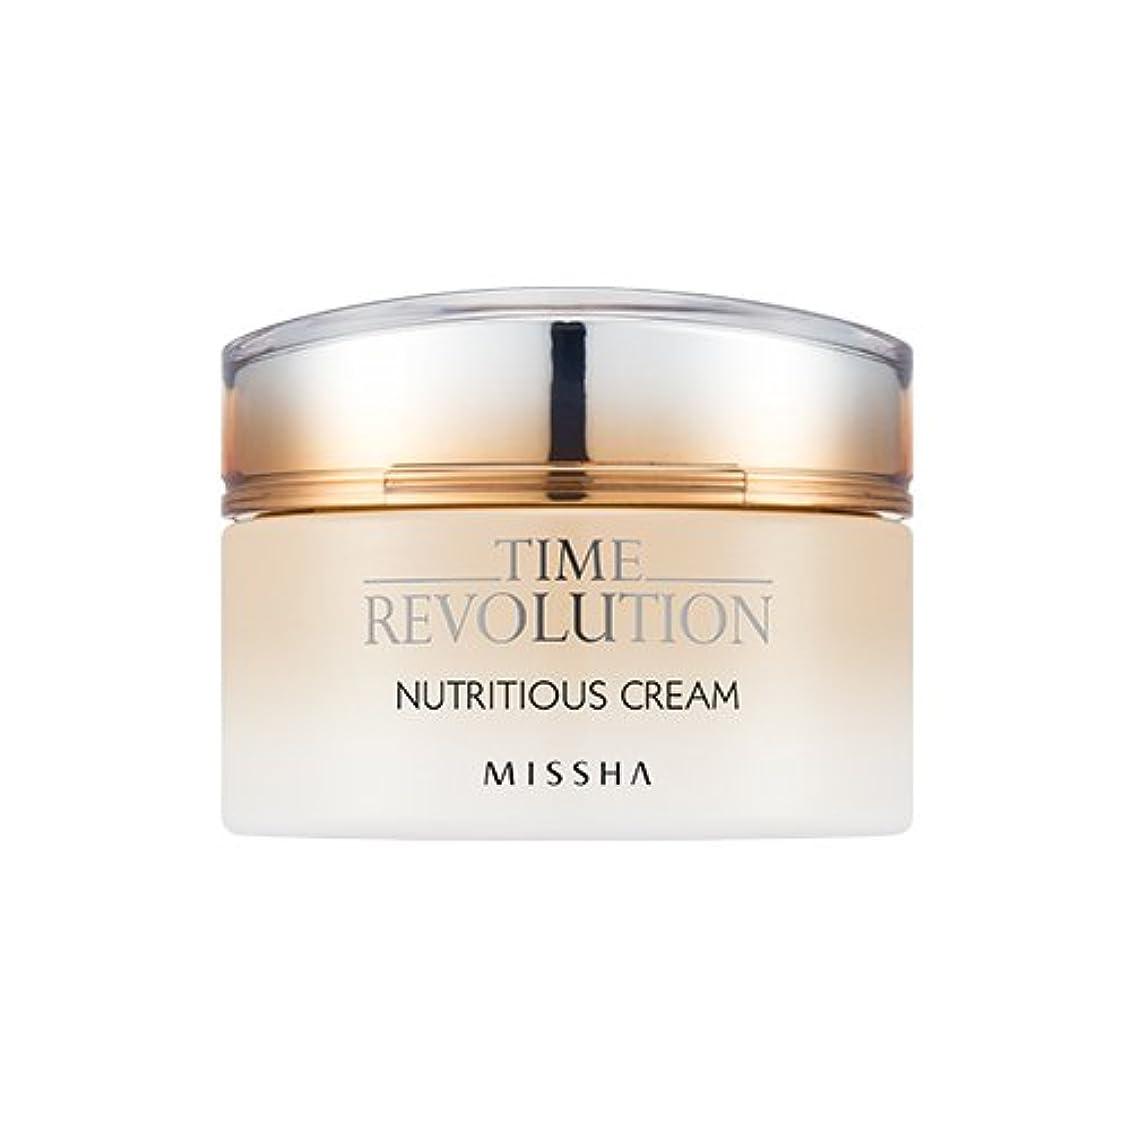 正しい前提シロクマ[New] MISSHA Time Revolution Nutritious Cream 50ml/ミシャ タイム レボリューション ニュートリシャス クリーム 50ml [並行輸入品]